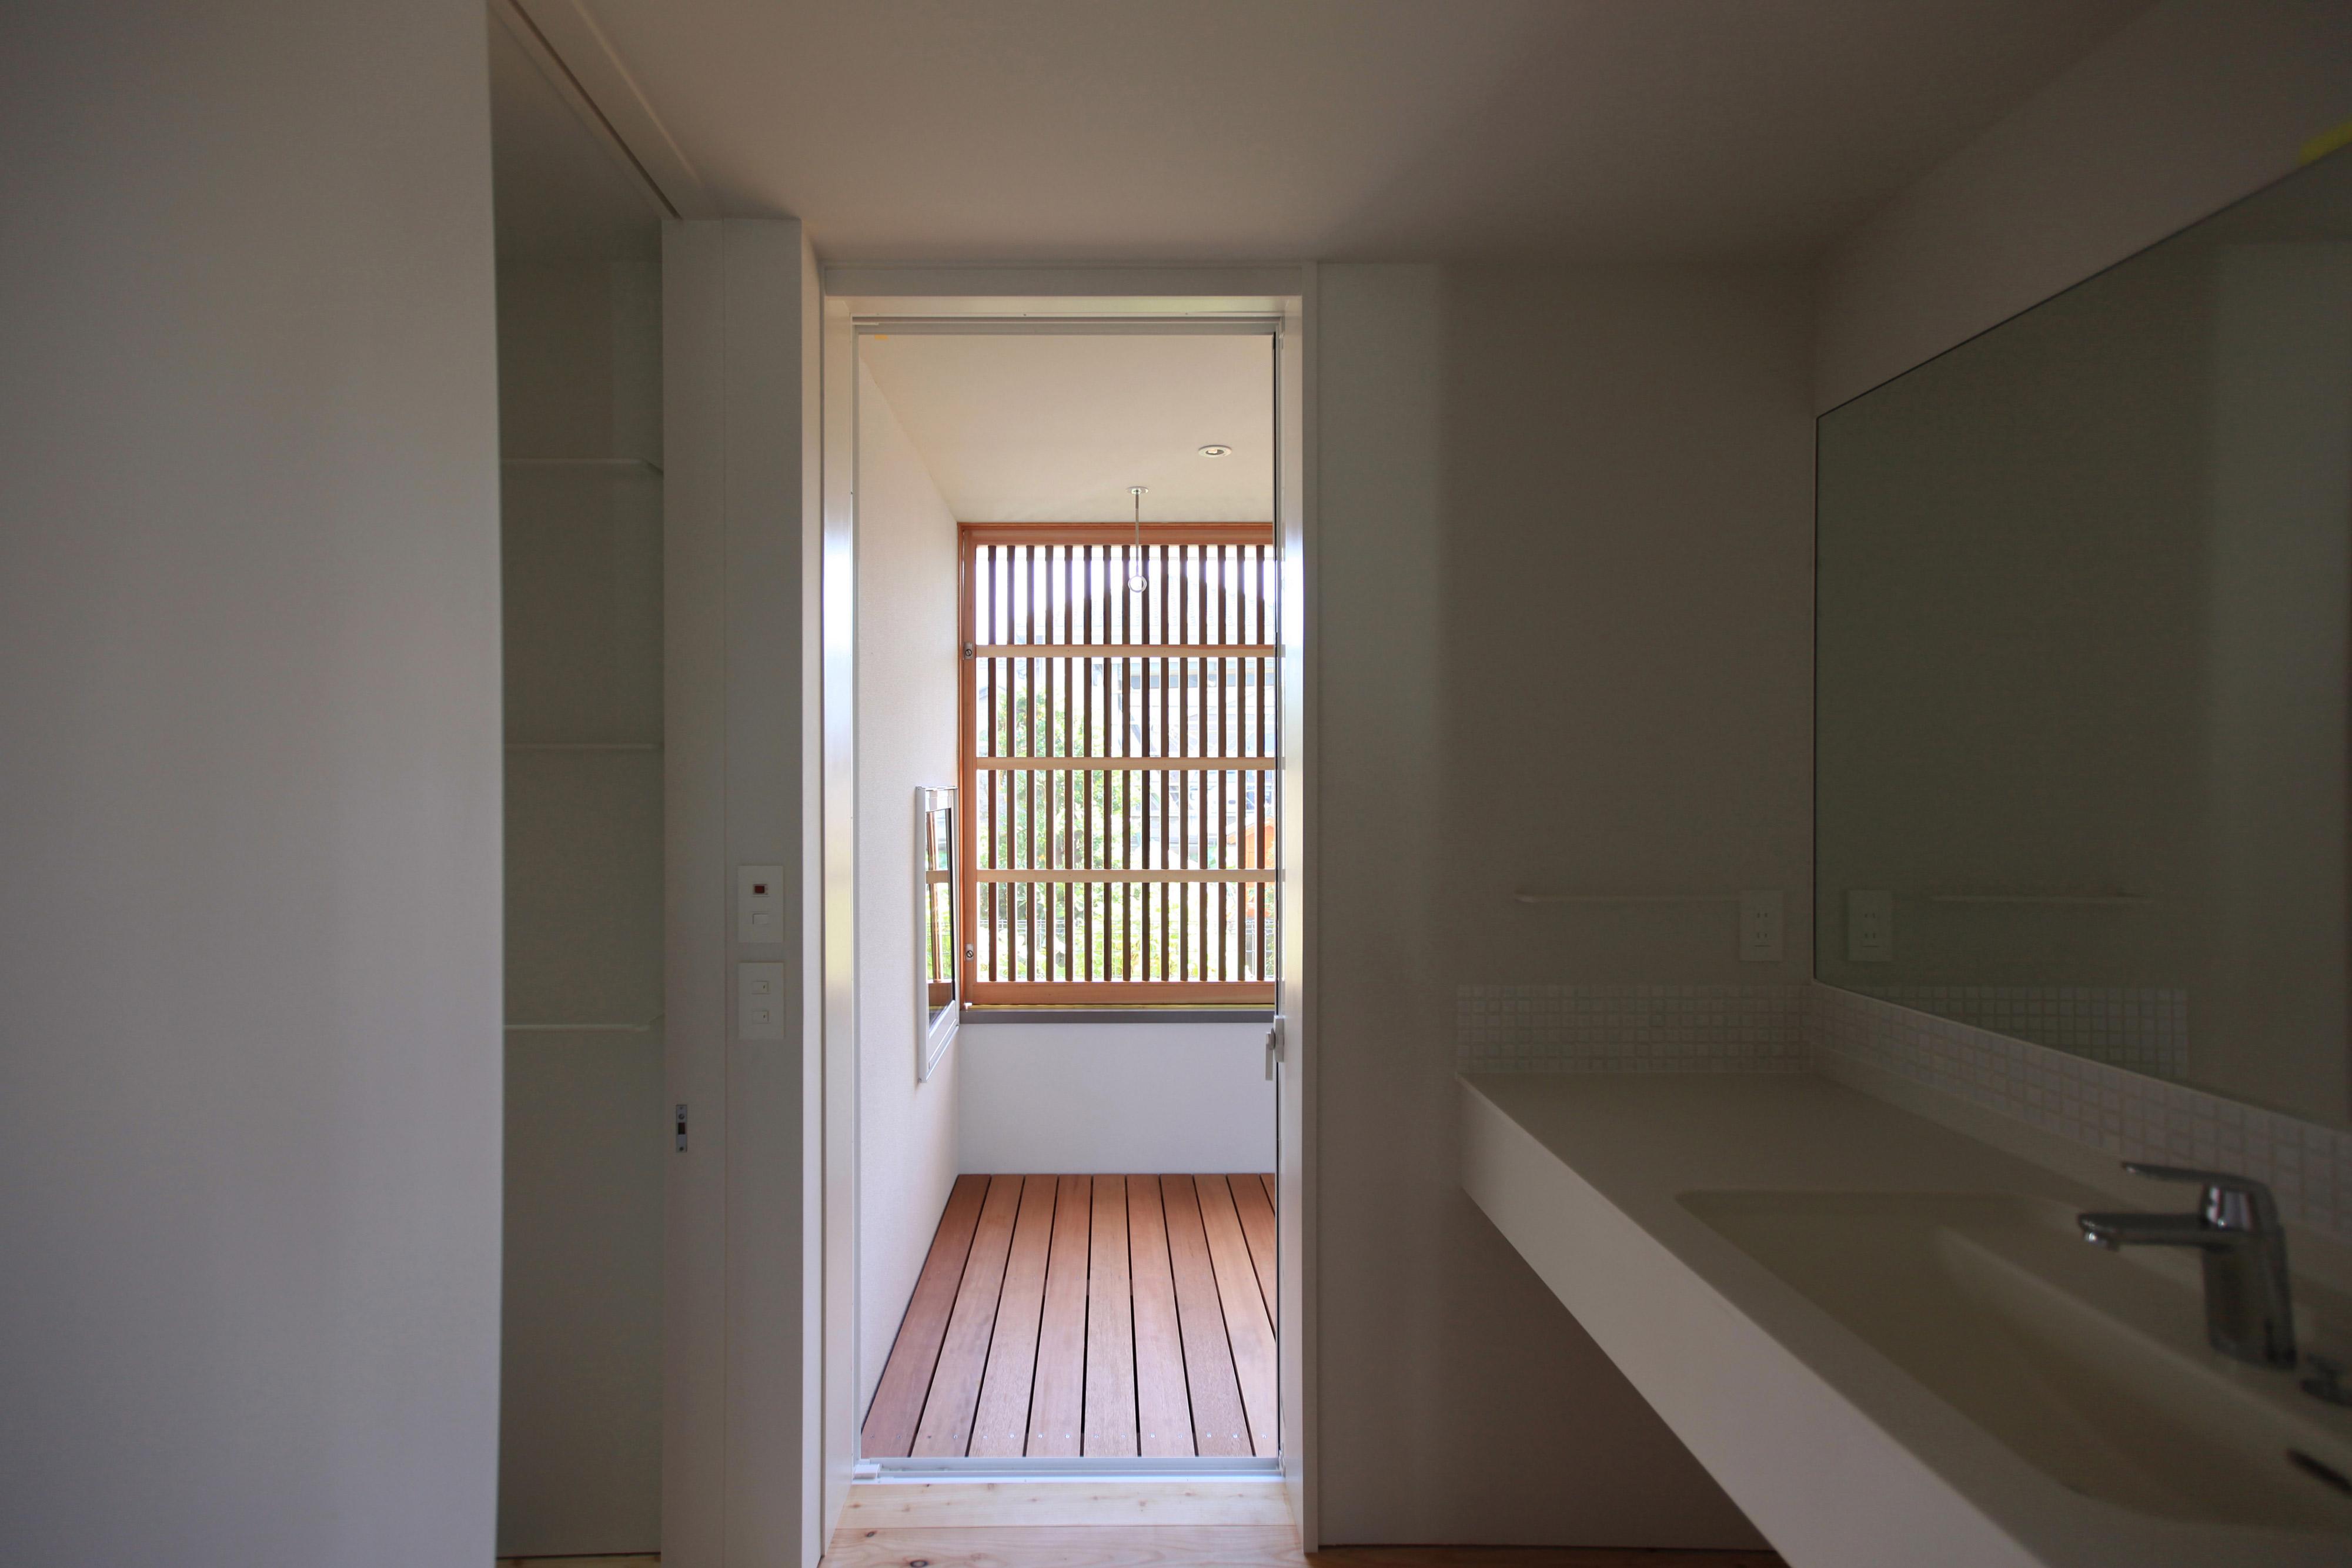 洗面所から物干し場への家事動線が便利な洗面所